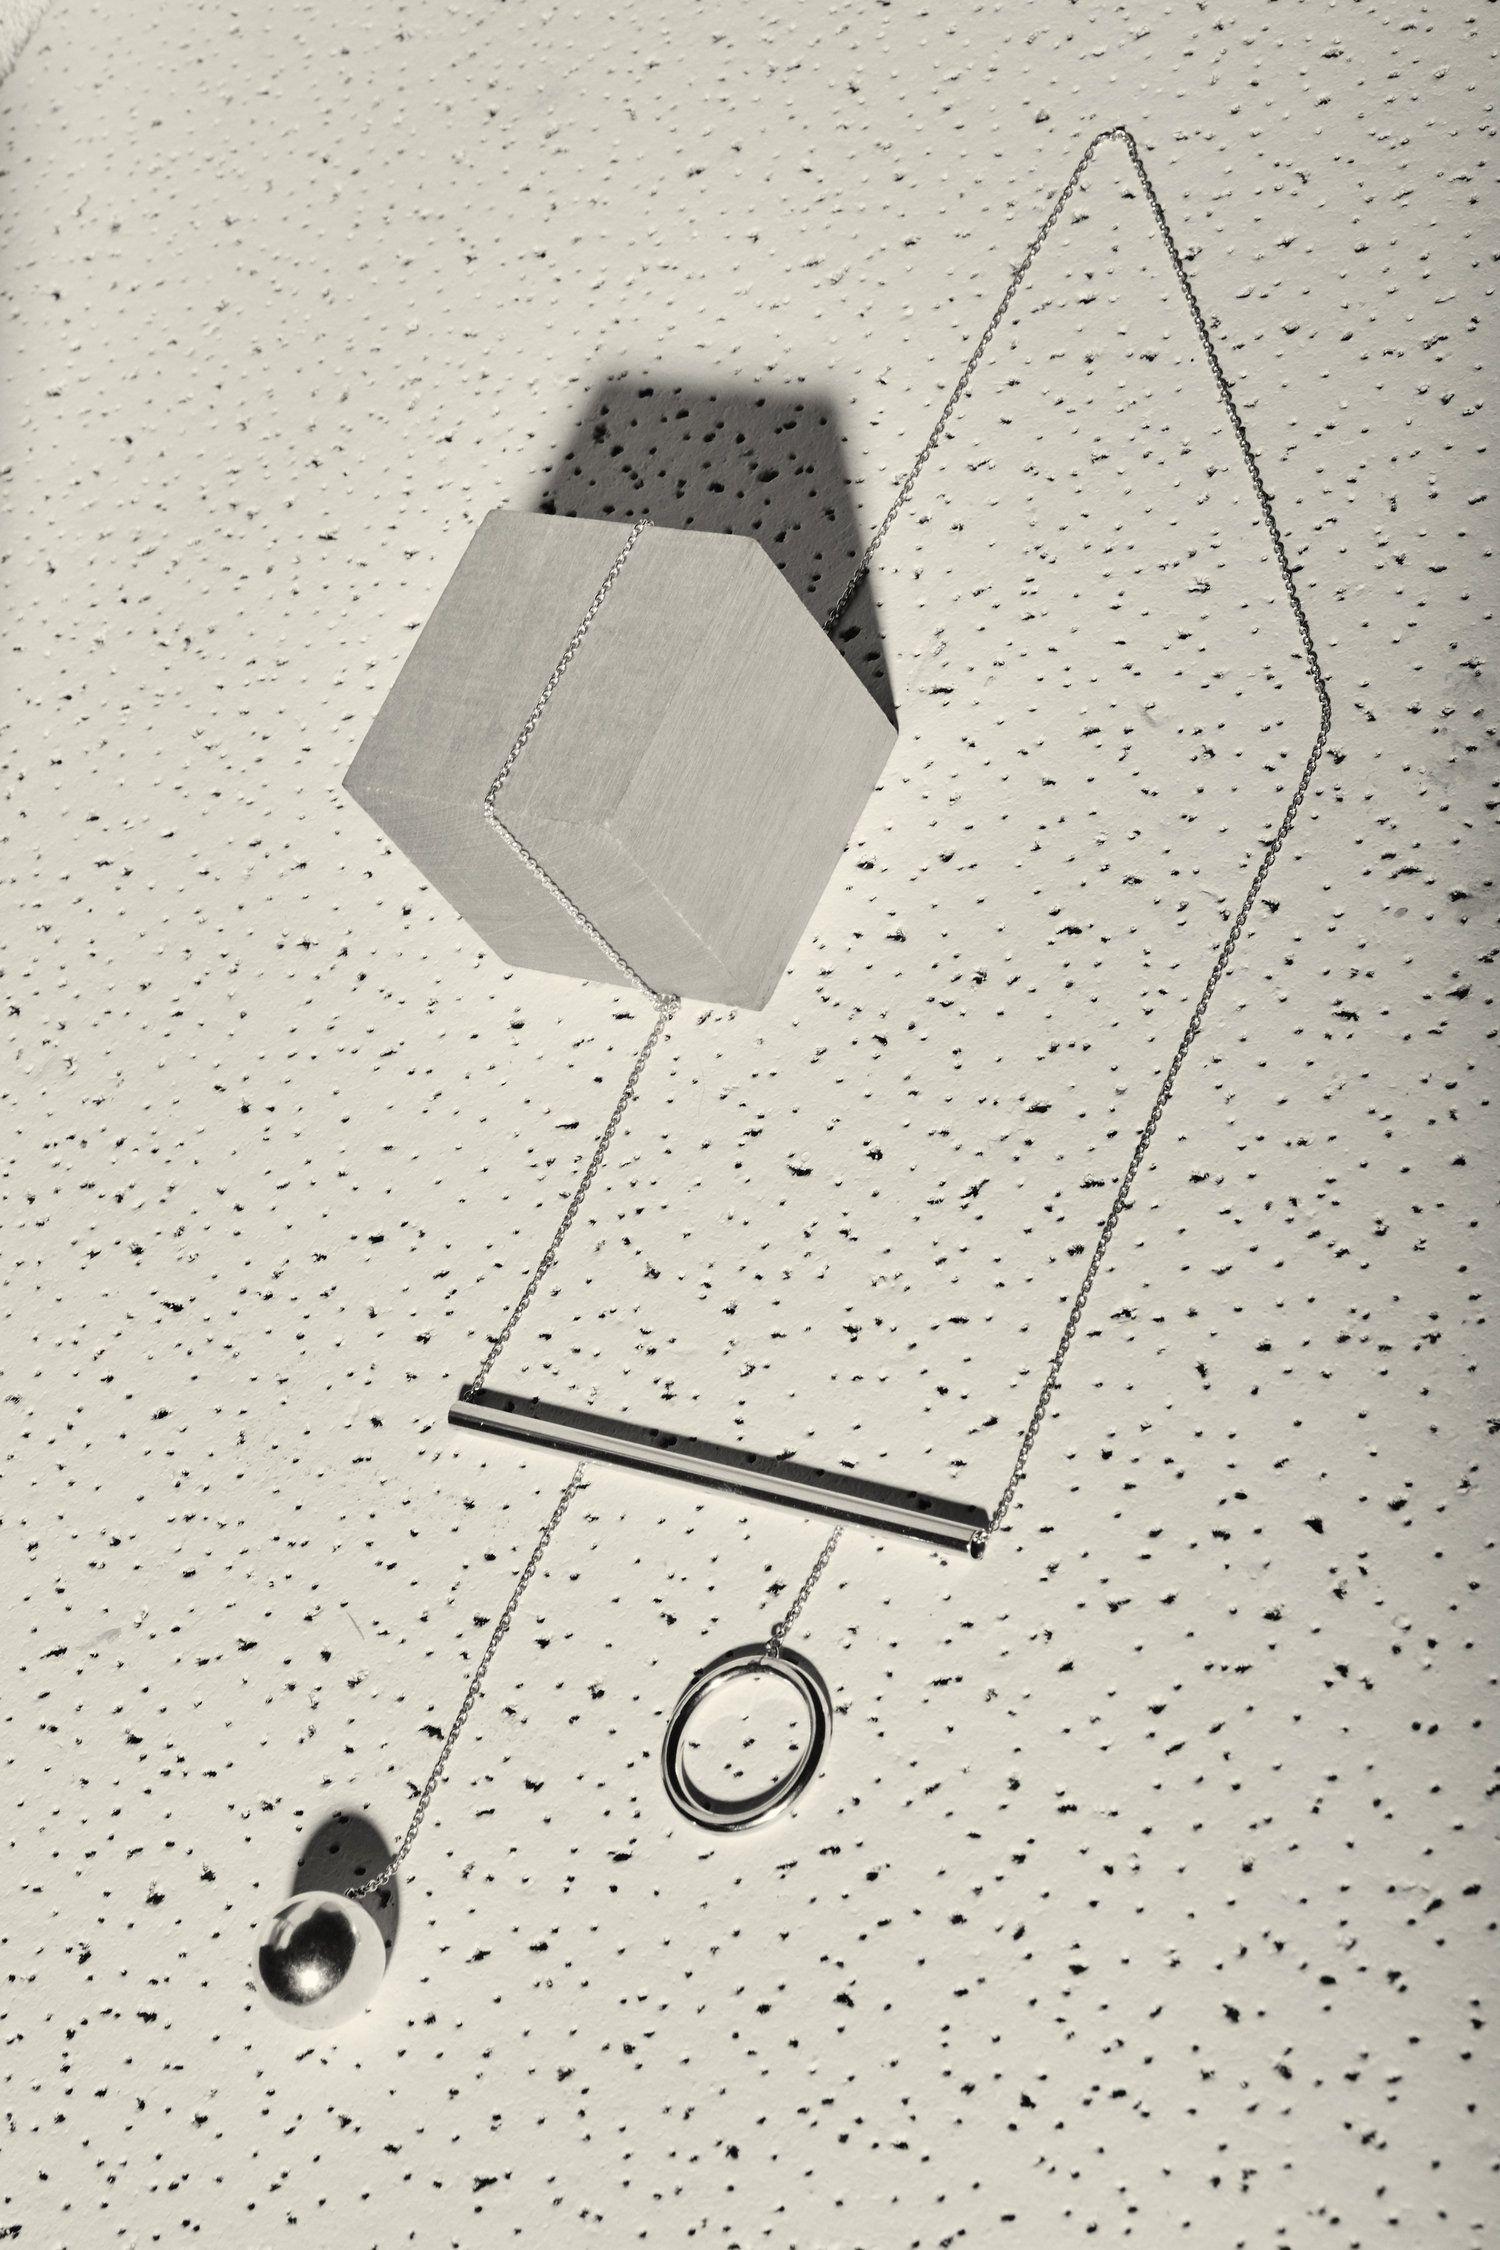 VIGNETTE- BarNecklaces | Vignettes, Constructivism ...